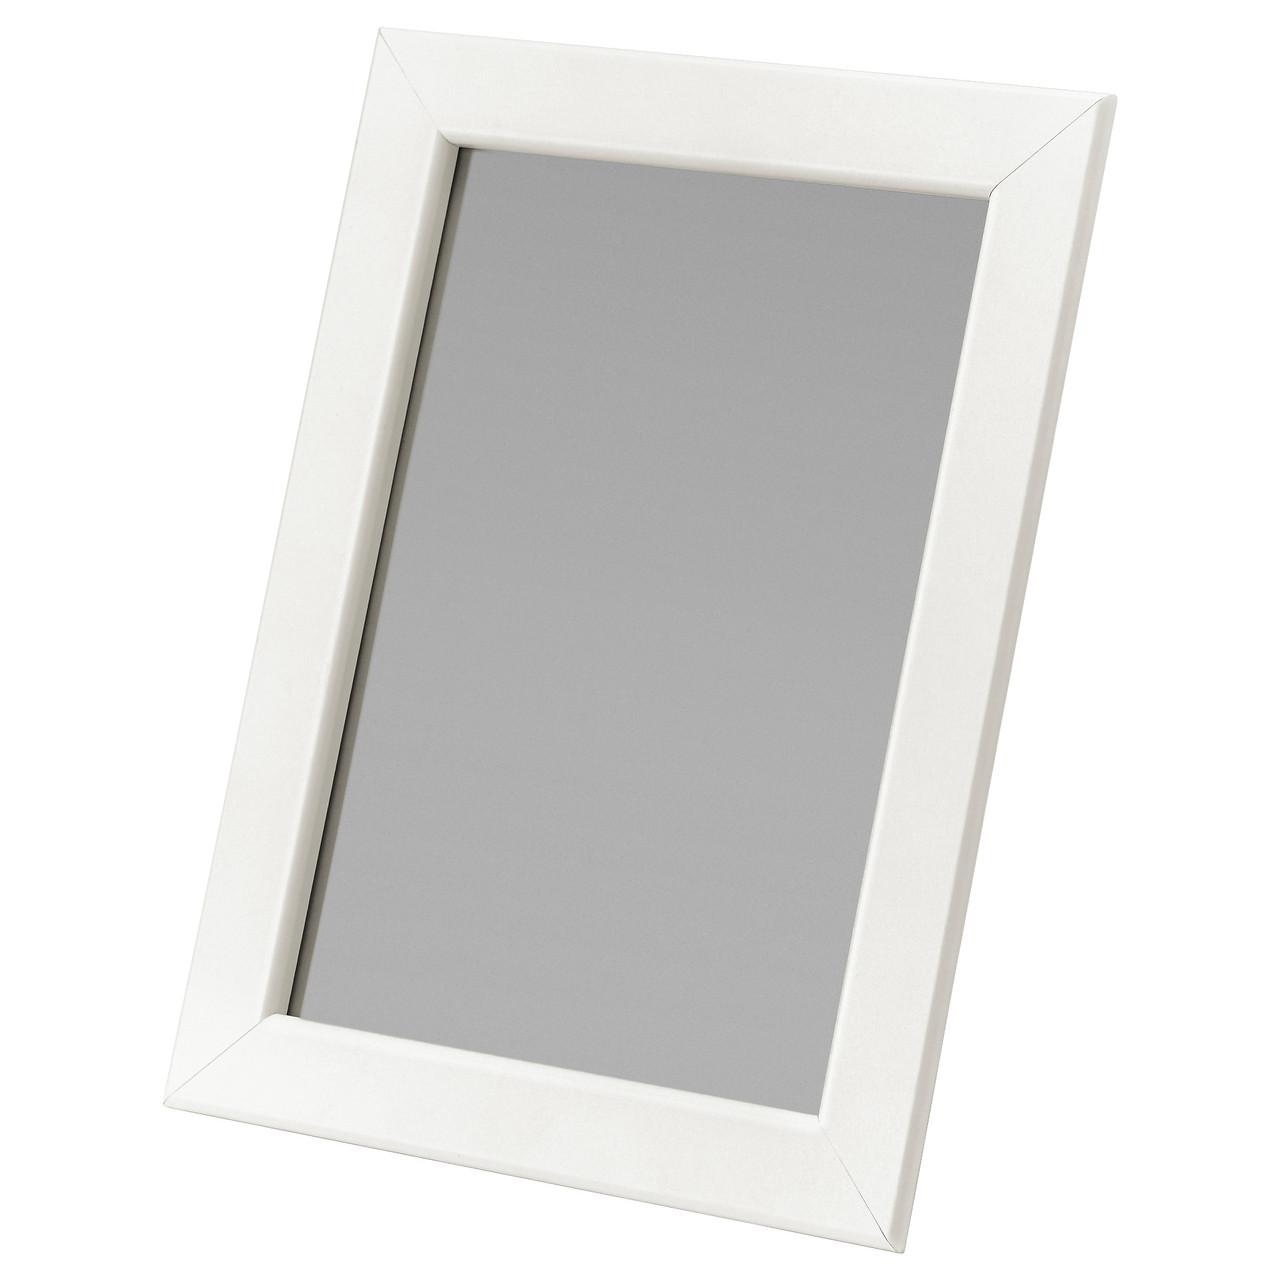 ФИСКБУ Рама, белый, 13x18 см 90295663 ИКЕА, IKEA, FISKBO